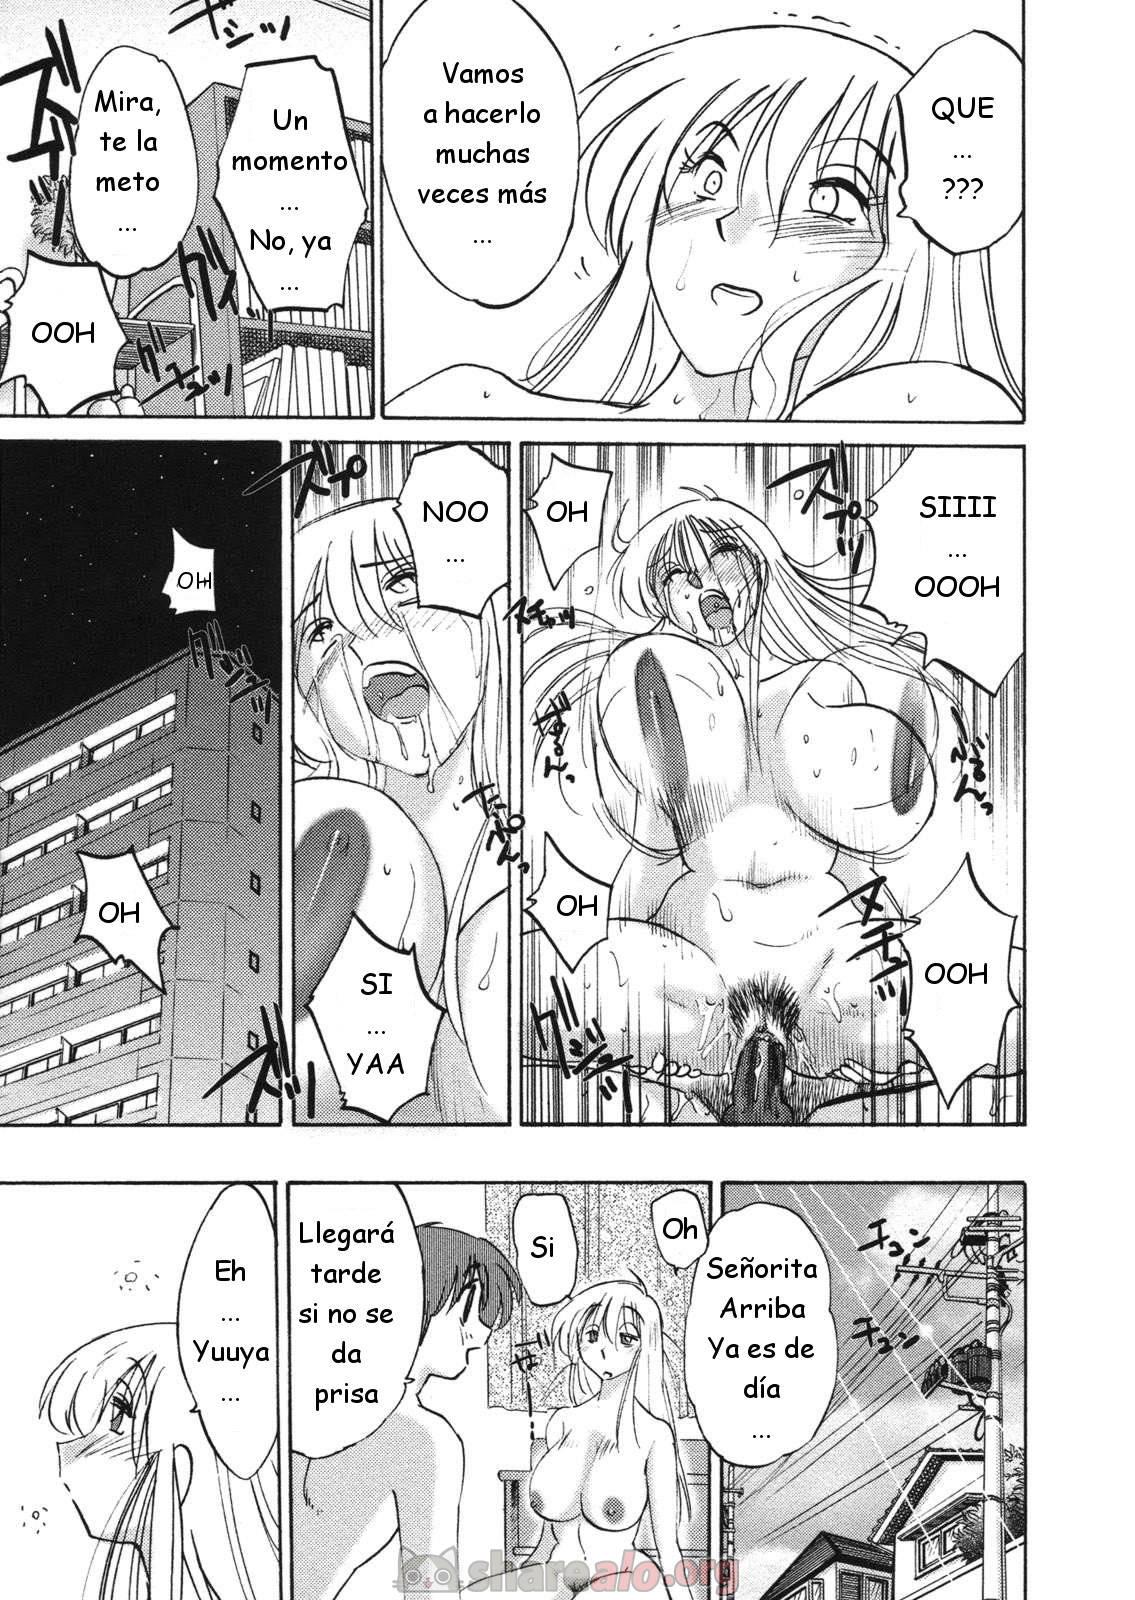 [ Boku no Aijin Manga Hentai de TsuyaTsuya ]: Comics Porno Manga Hentai [ dHUrGsw6 ]